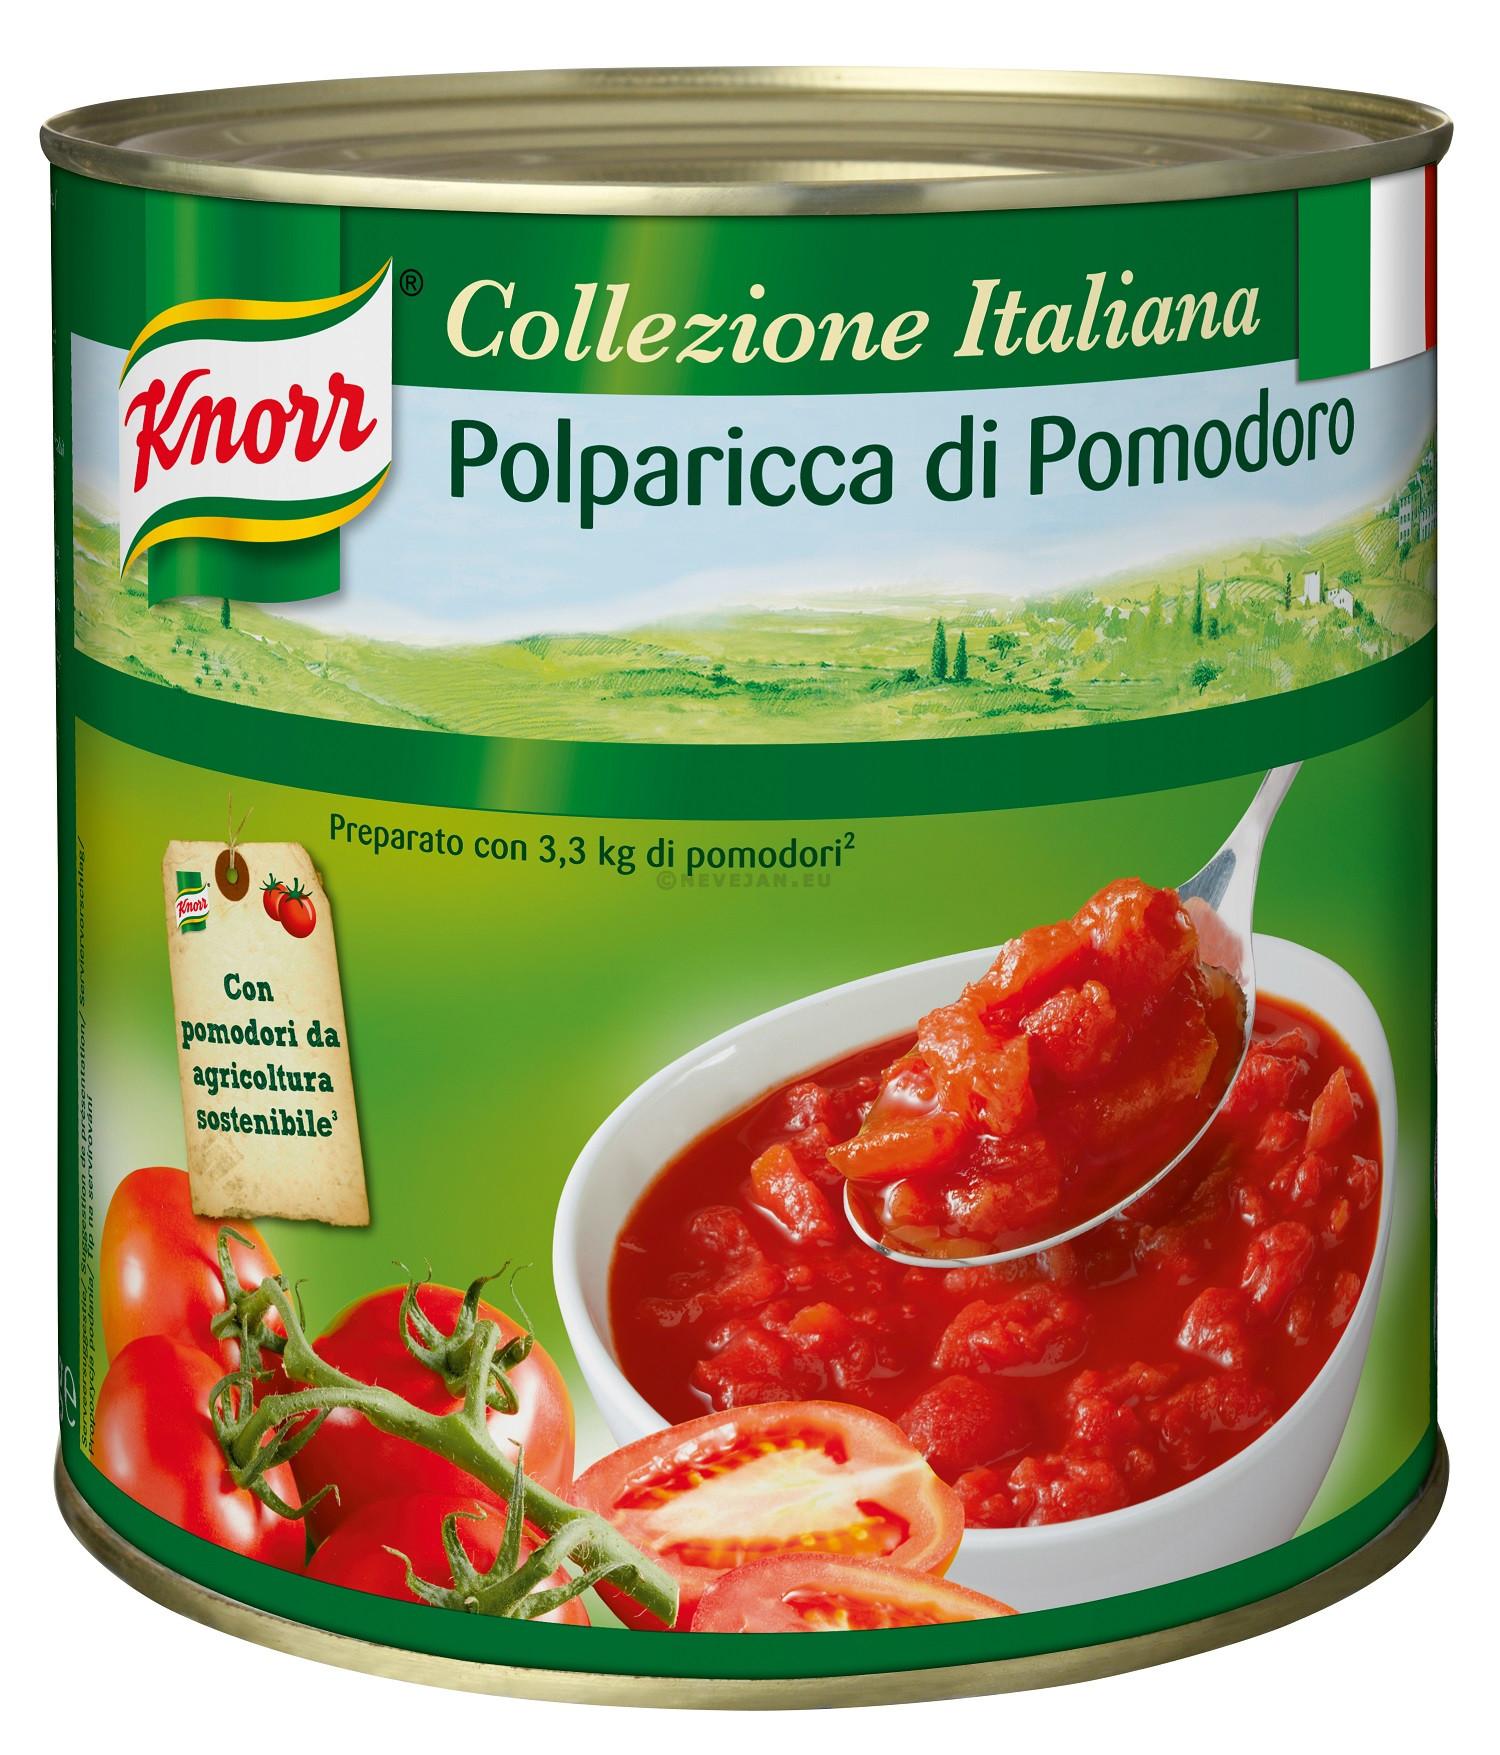 Knorr polparicca 3l collezione italiana